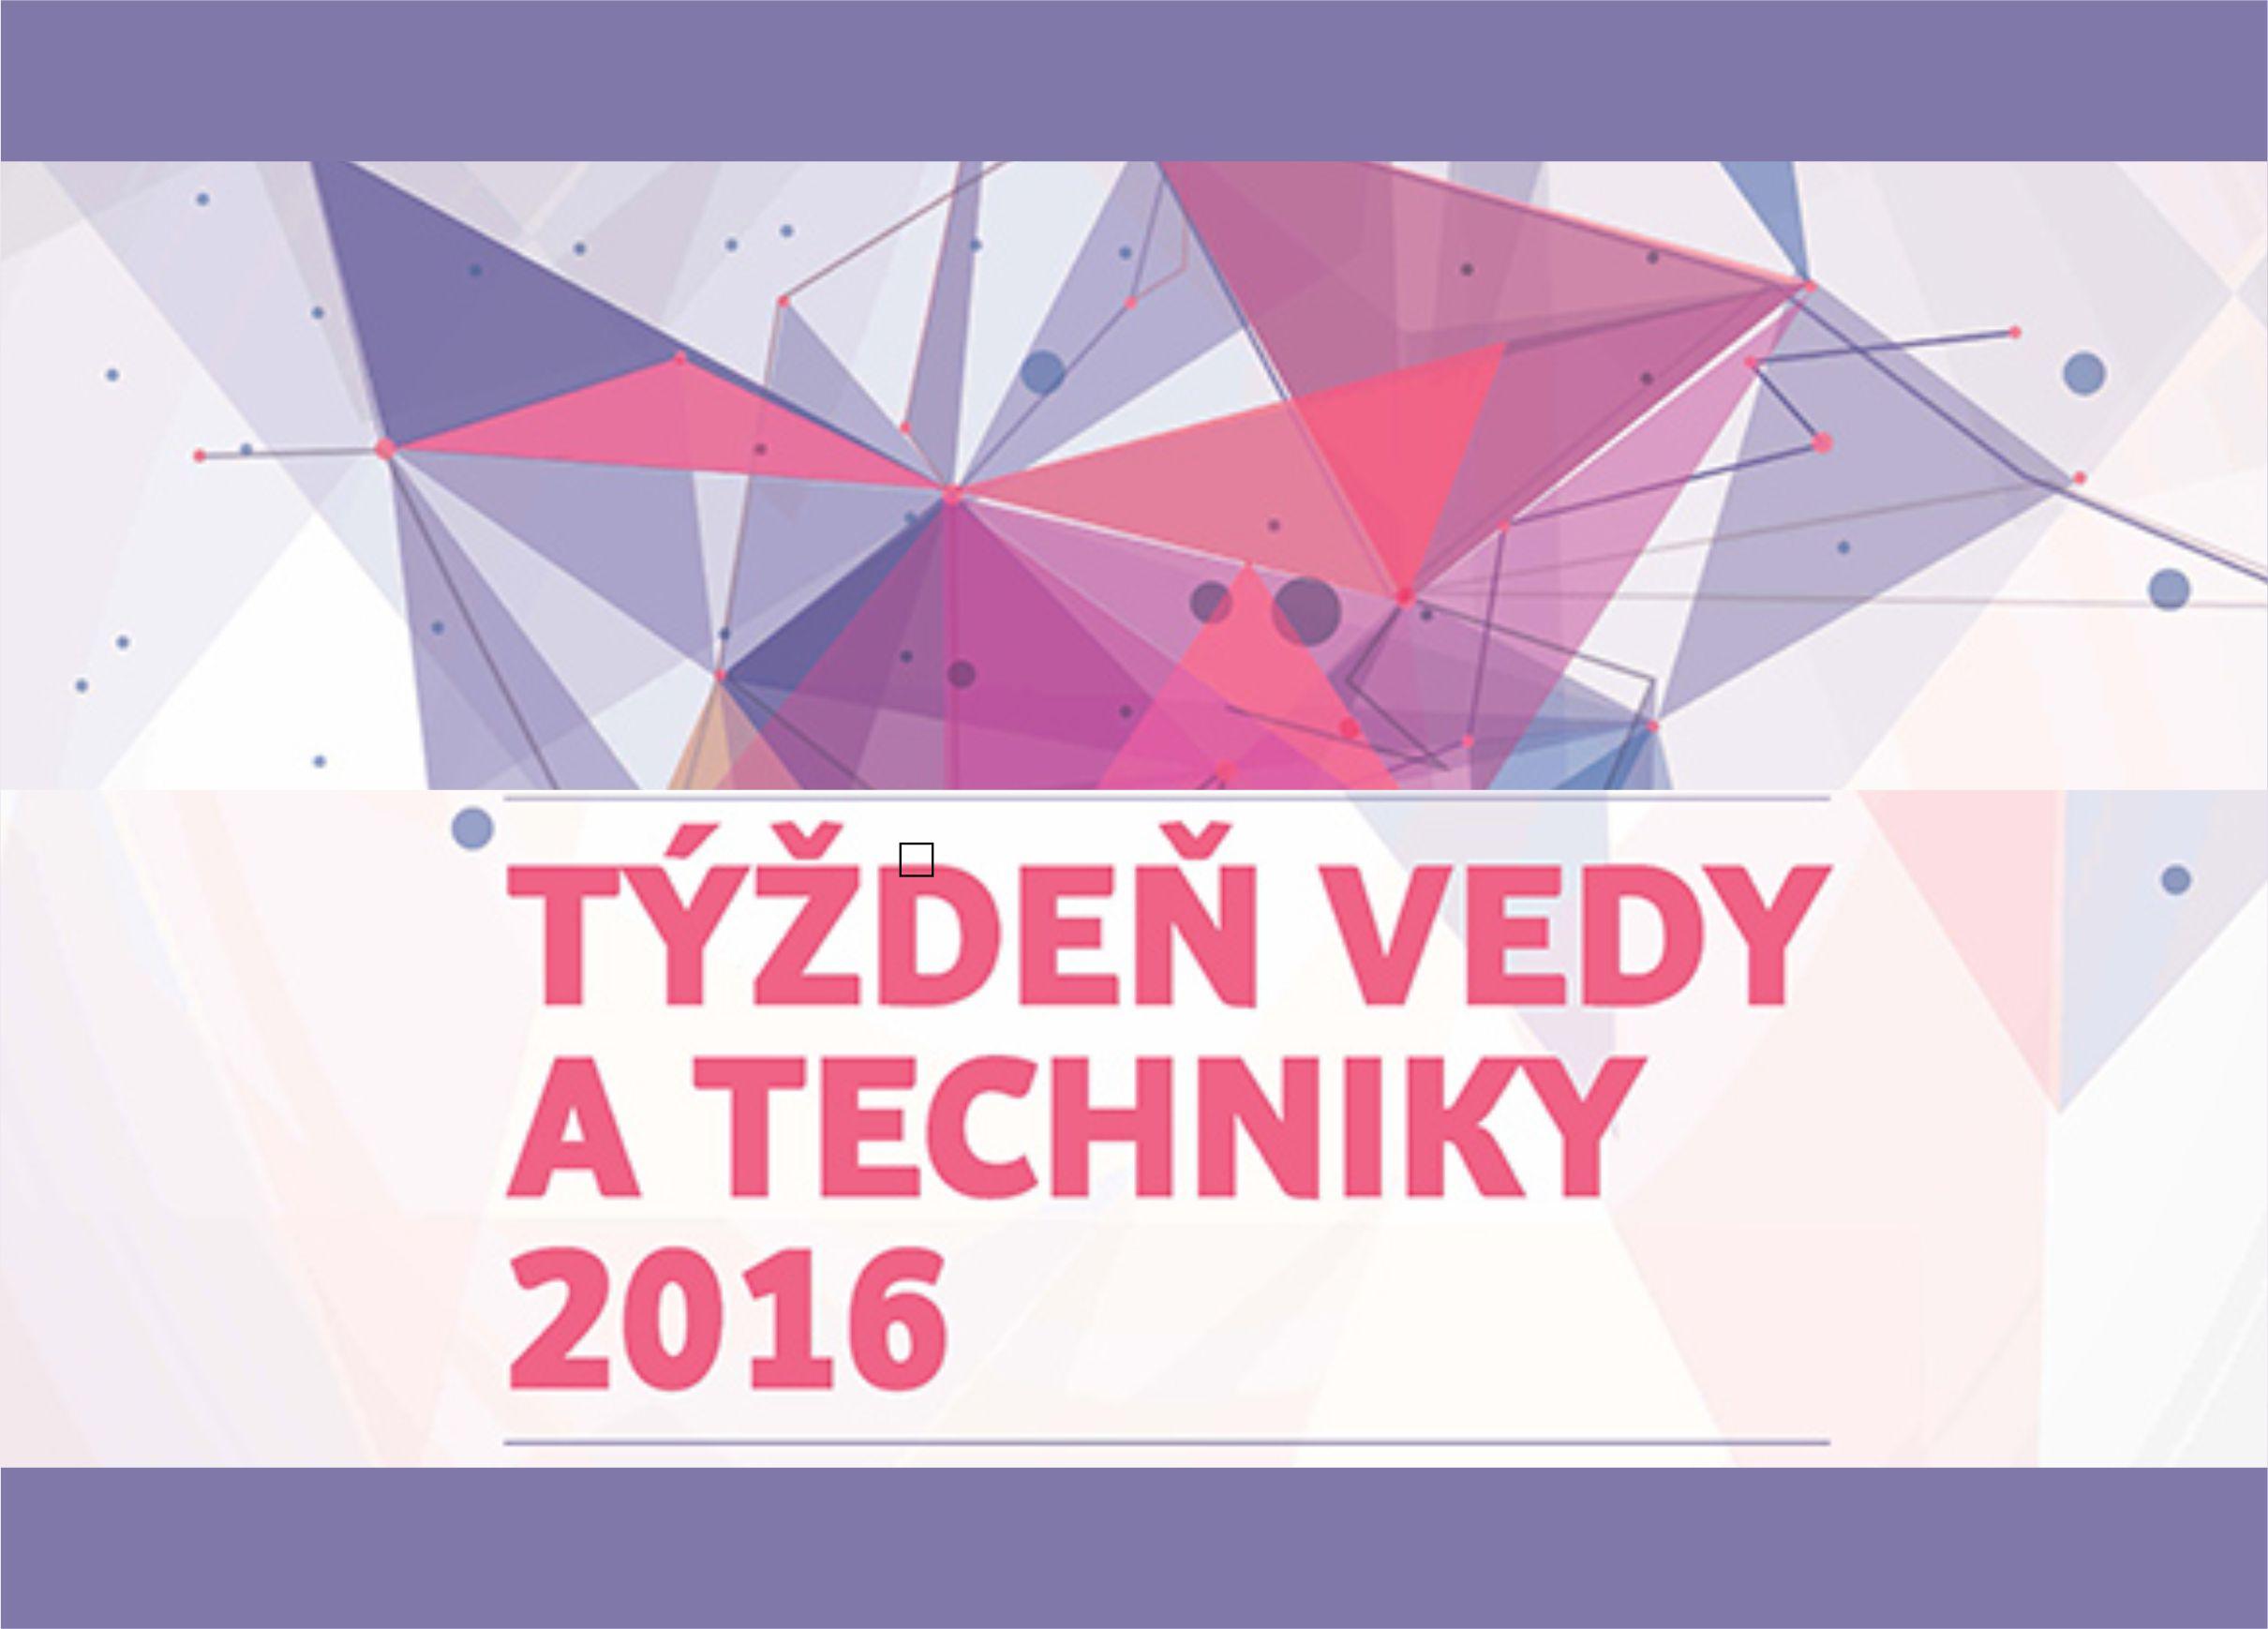 Začal sa Týždeň vedy a techniky na Slovensk - Kam v meste  32b7f5ac134